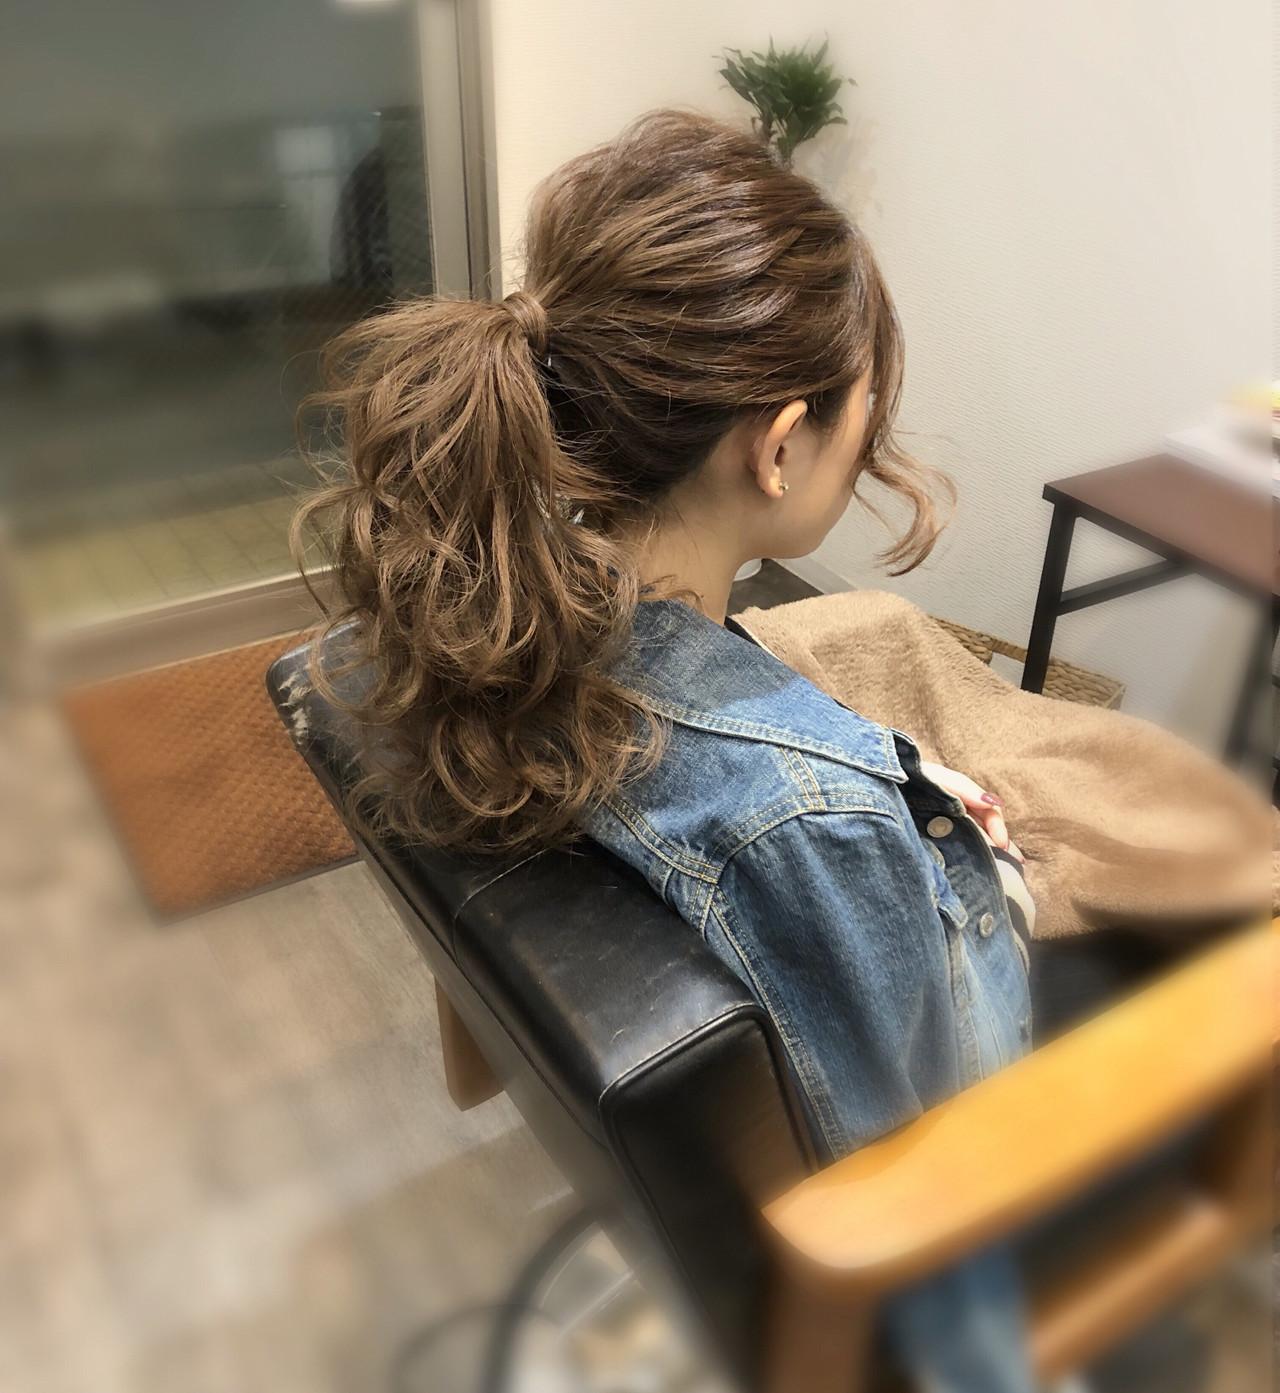 ヘアアレンジ アップスタイル フェミニン ポニーテールアレンジ ヘアスタイルや髪型の写真・画像 | mai / HAIR SALON STELLA